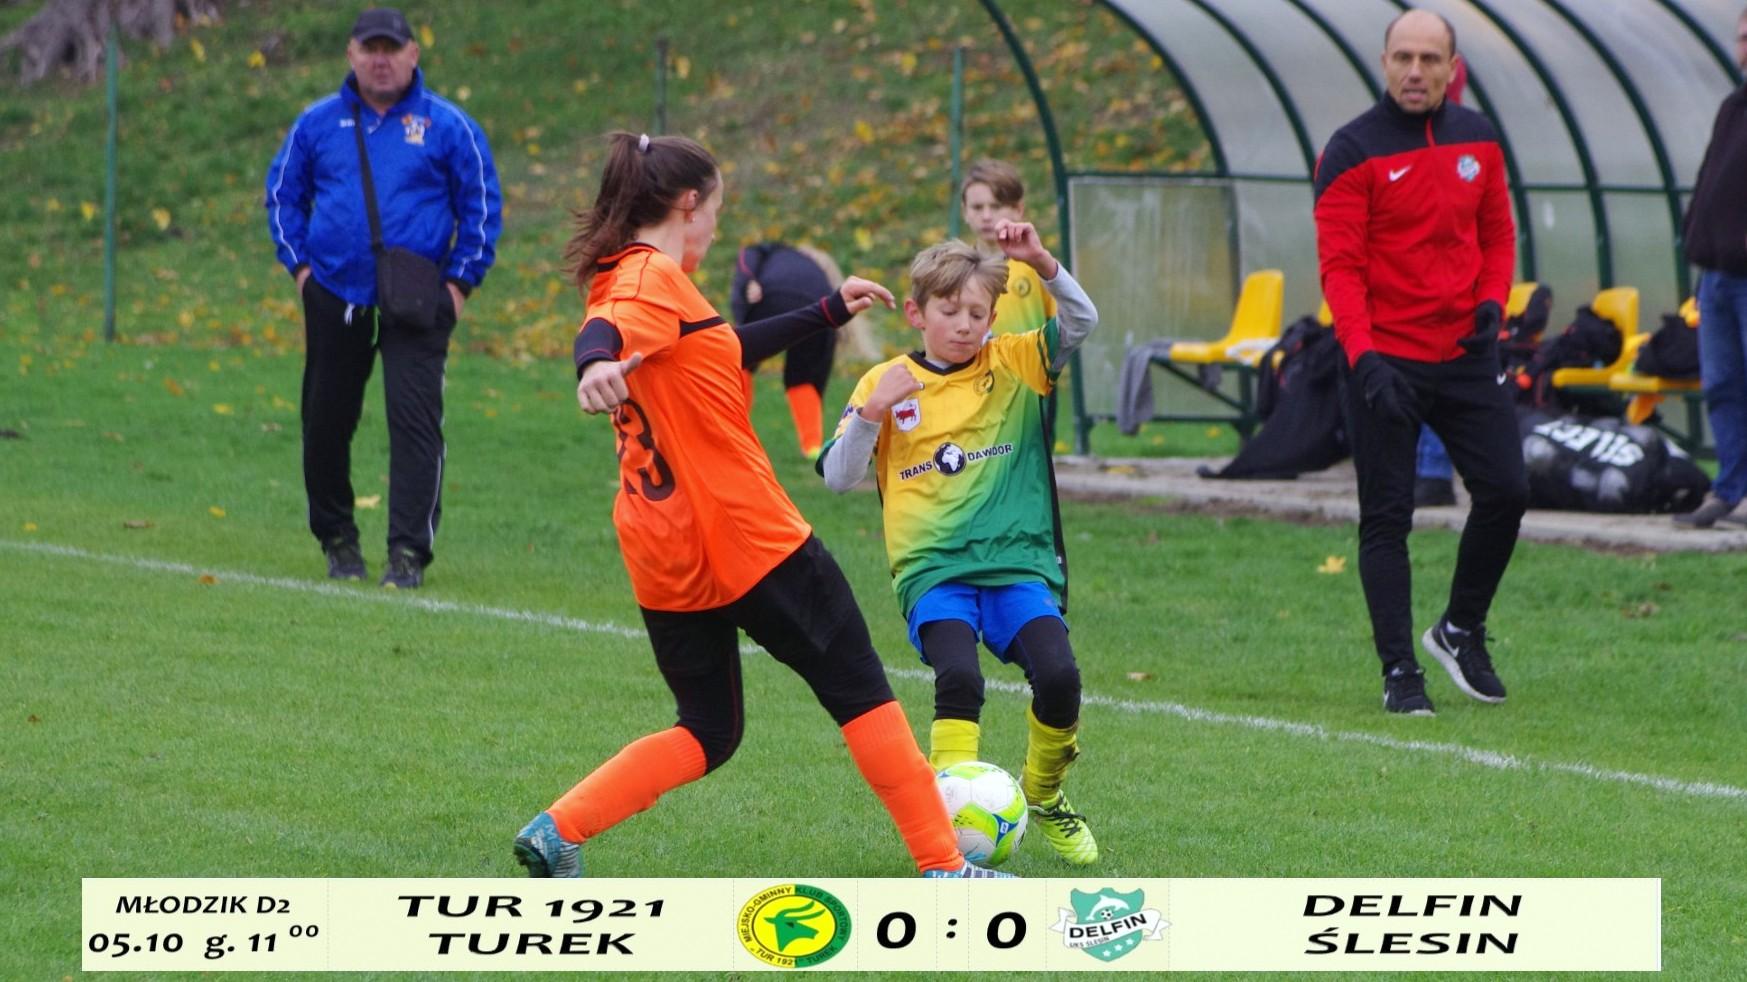 Tur 1921 Turek- UKS Delfin Ślesin 0:0